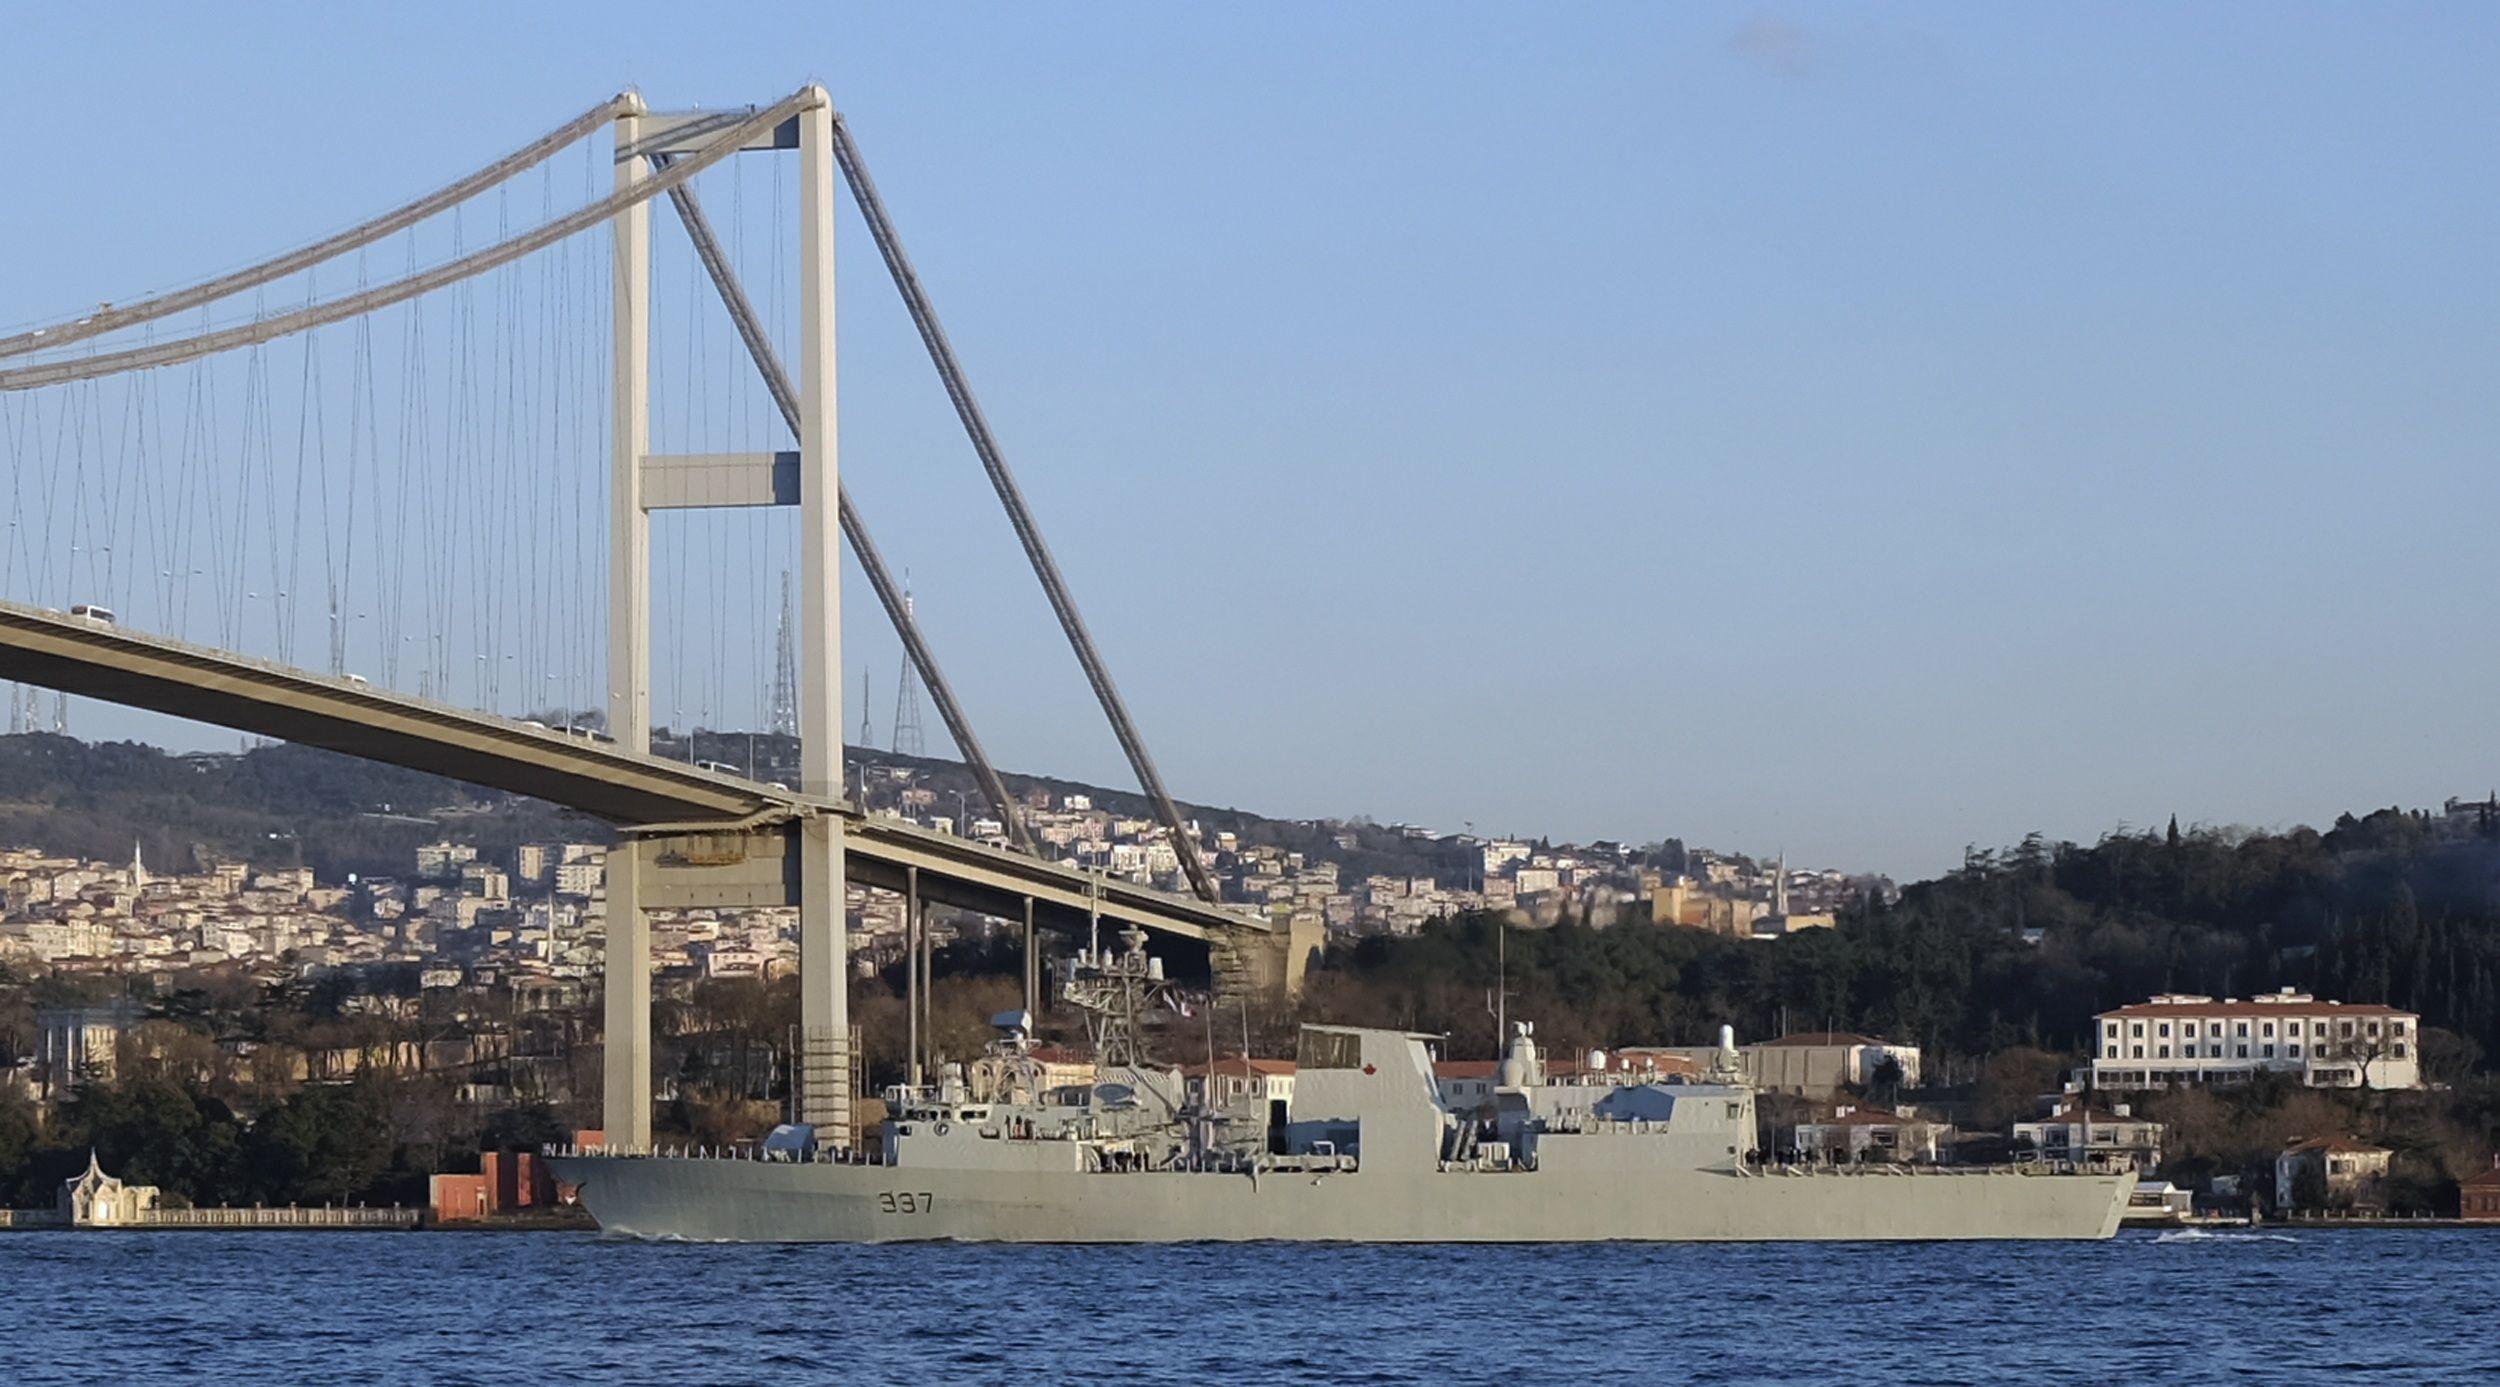 Прохождение военного корабля через пролив Босфор